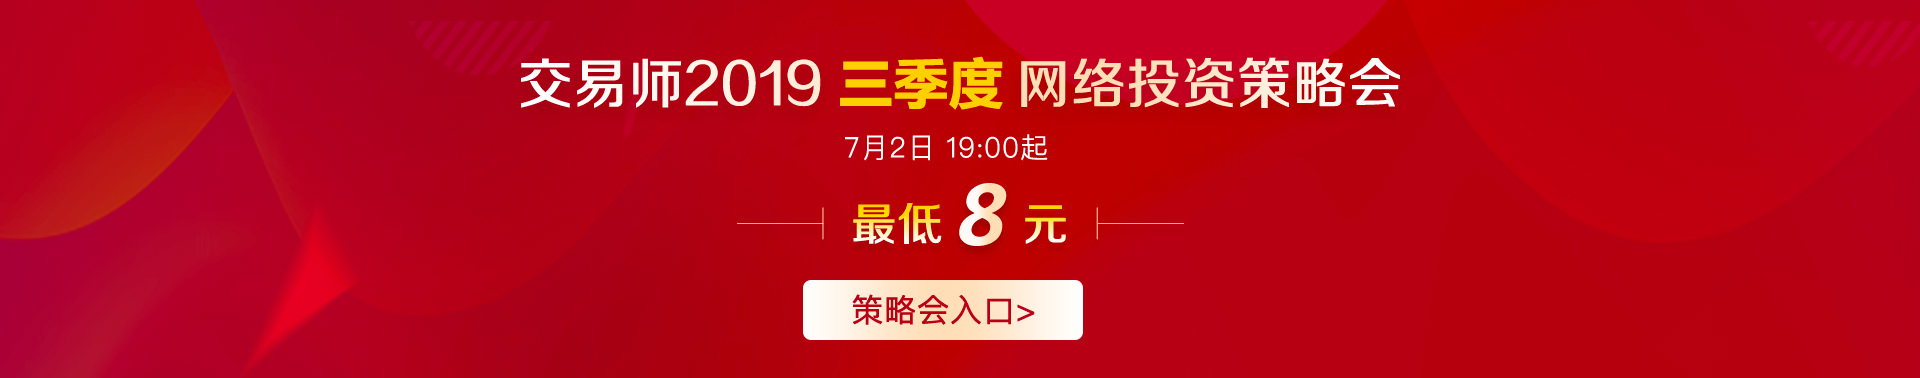 交易师2019三季度投资策略会